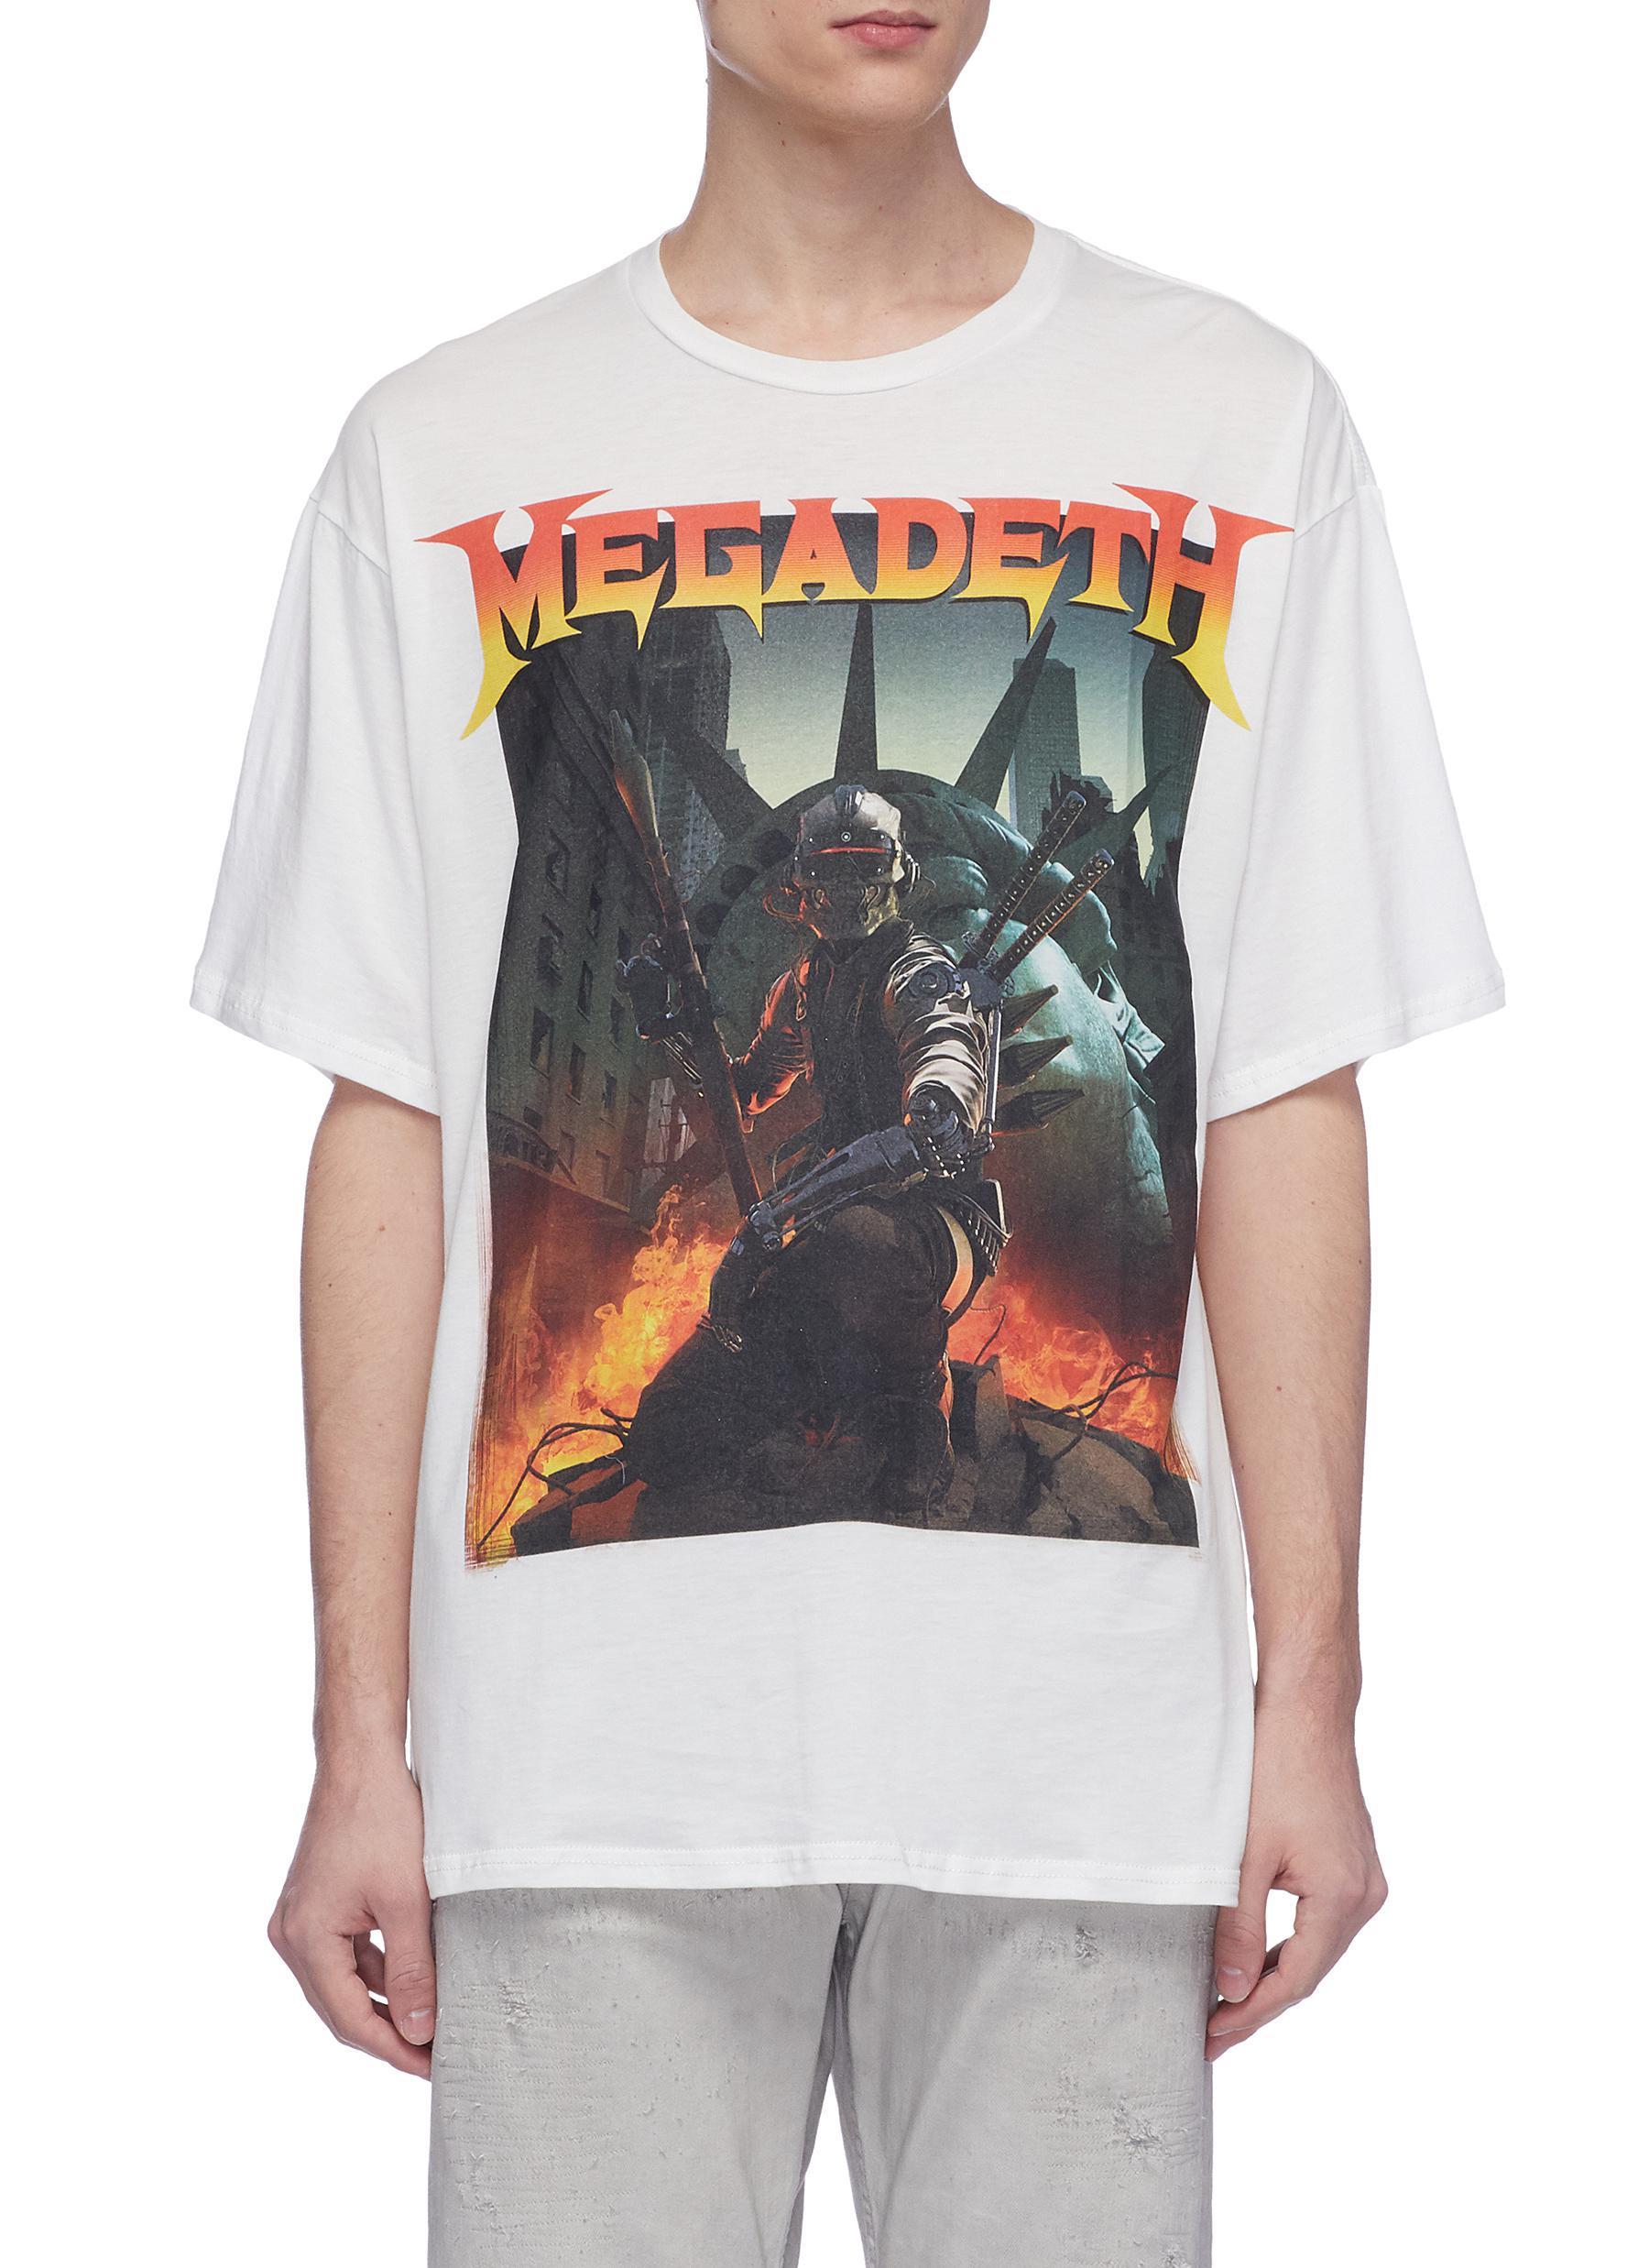 07e1d6c1 r13-White-Megadeth-Graphic-Print-Oversized-T-shirt.jpeg